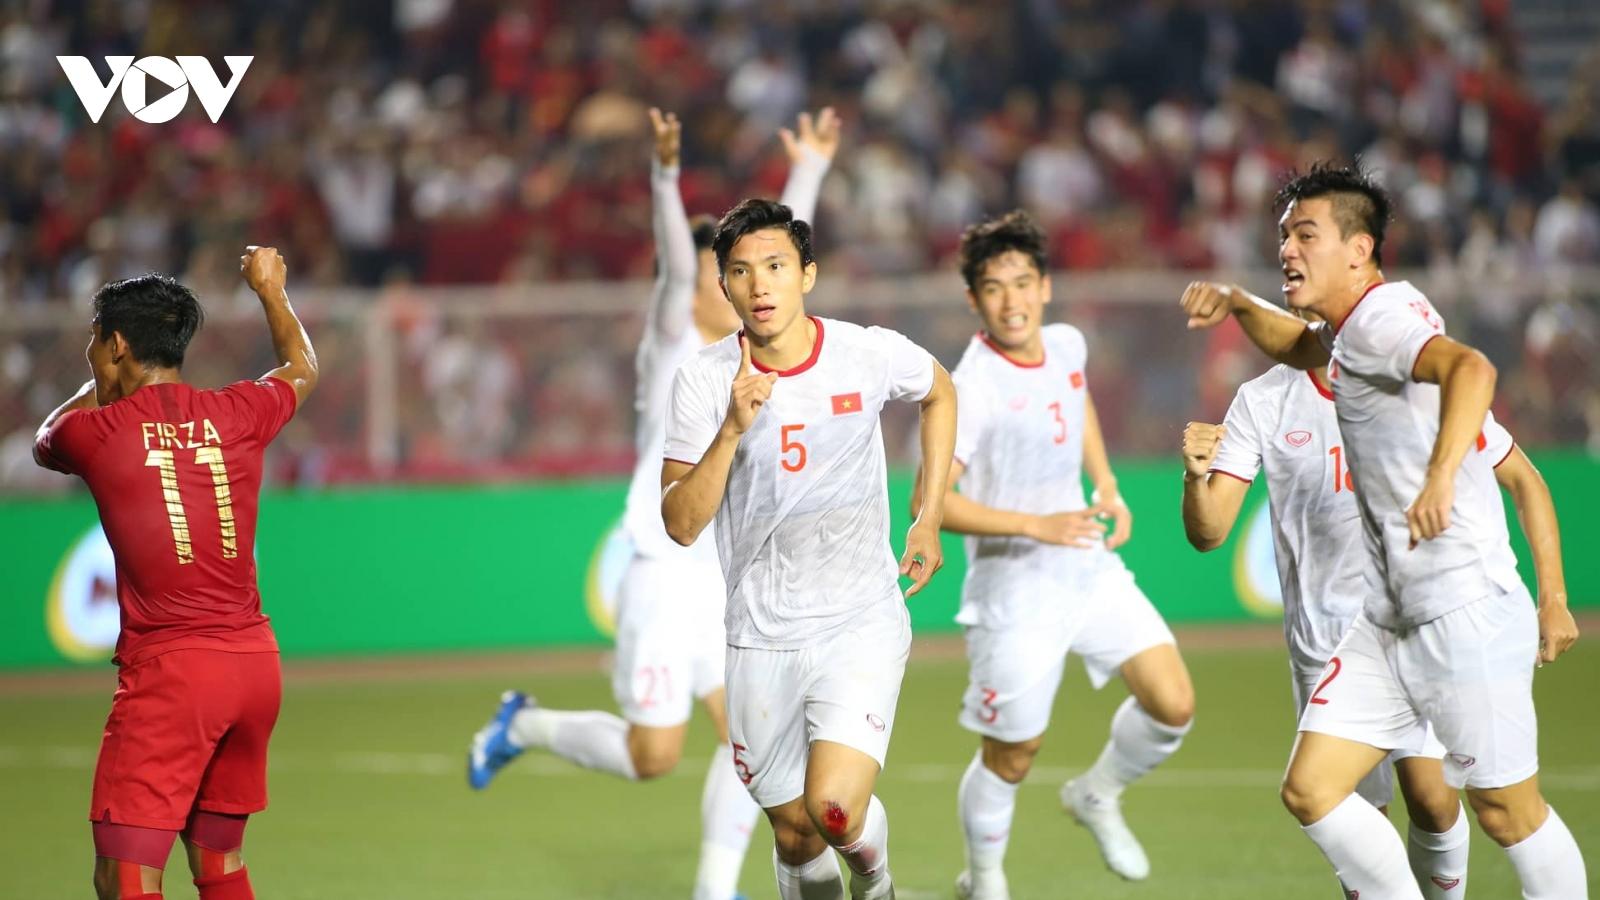 Chân dung những cầu thủ trẻ nhất ĐT Việt Nam đợt tập trung tháng 12/2020